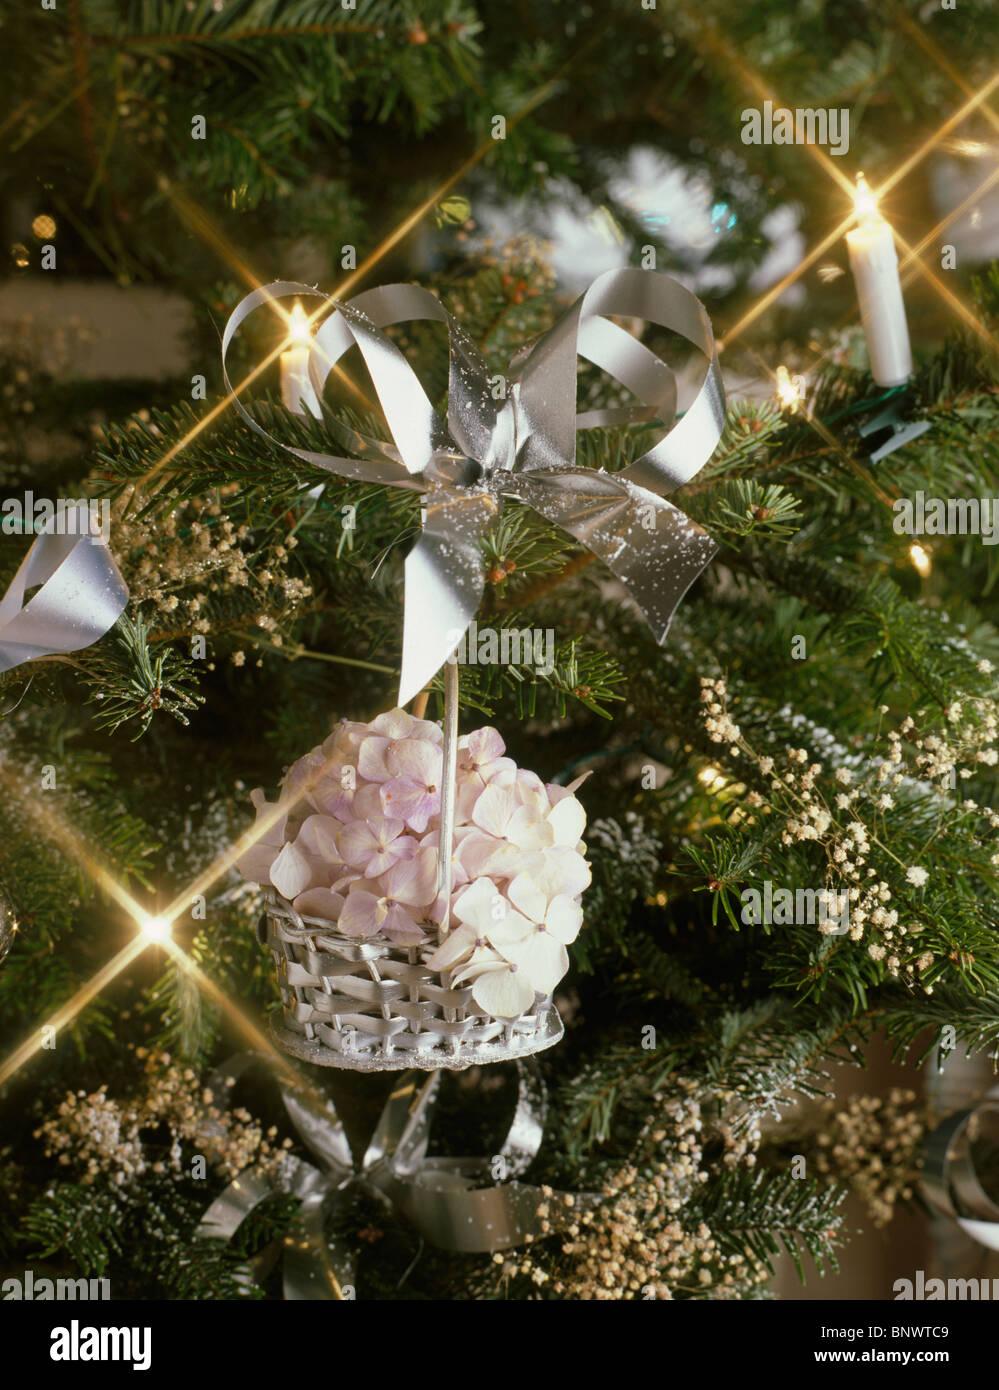 Fiori Di Ortensia Secchi close-up di un albero di natale con silver basket riempito